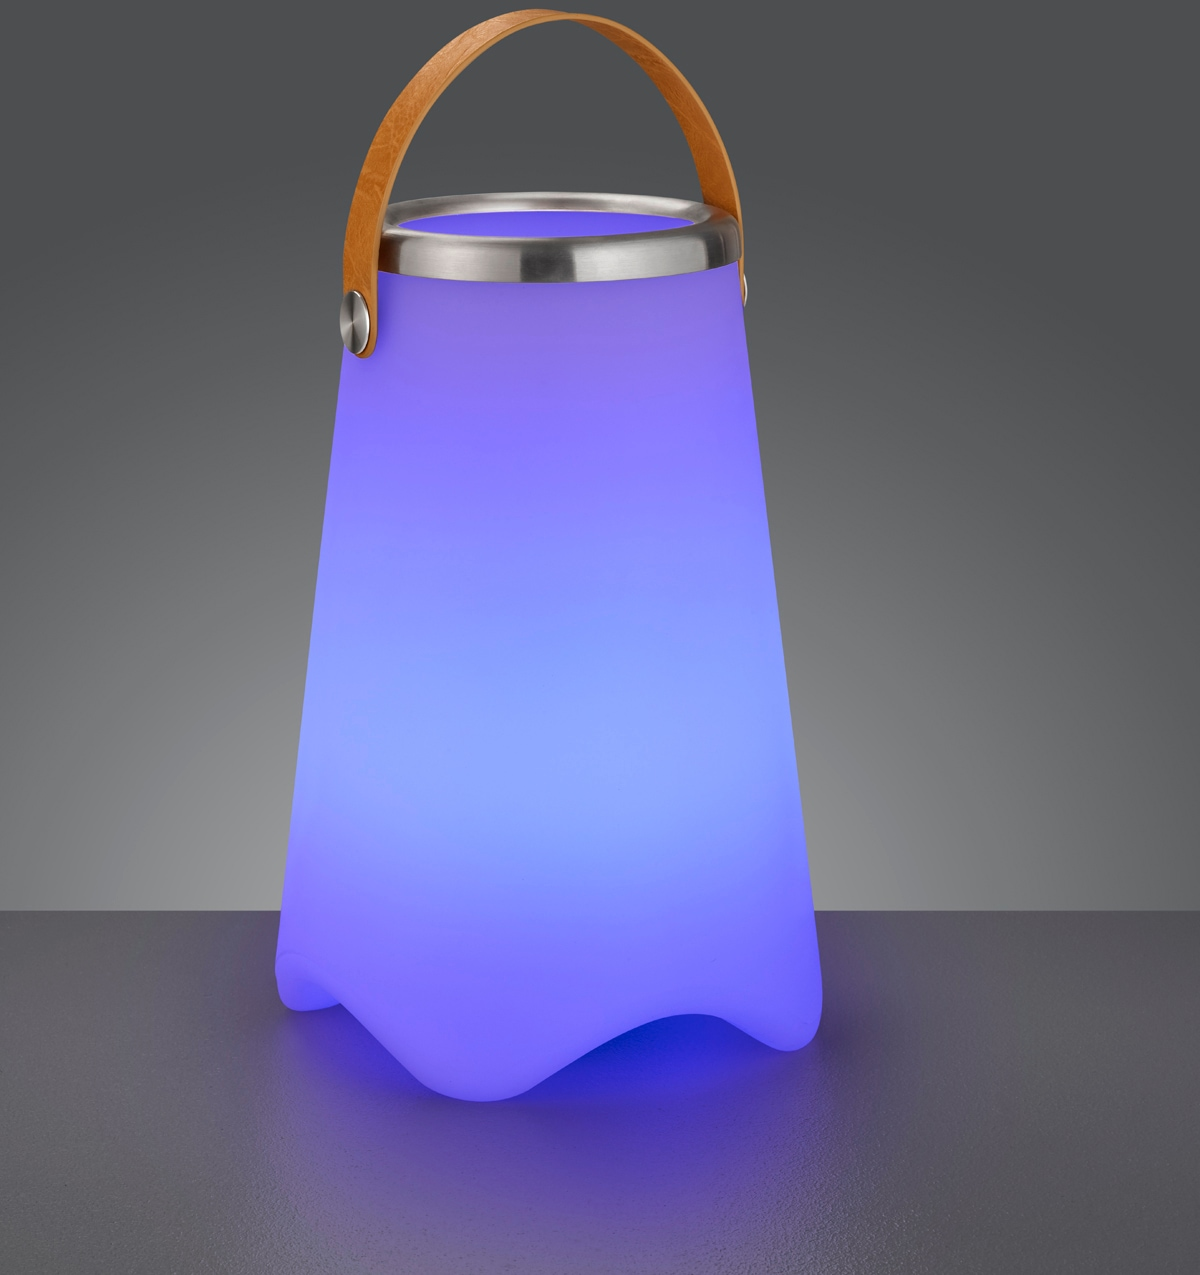 TRIO LeuchtenLED Außen-StehlampeJAMAICA Wohnen/Accessoires & Leuchten/Lampen & Leuchten/Außenleuchten/Außenstandleuchten